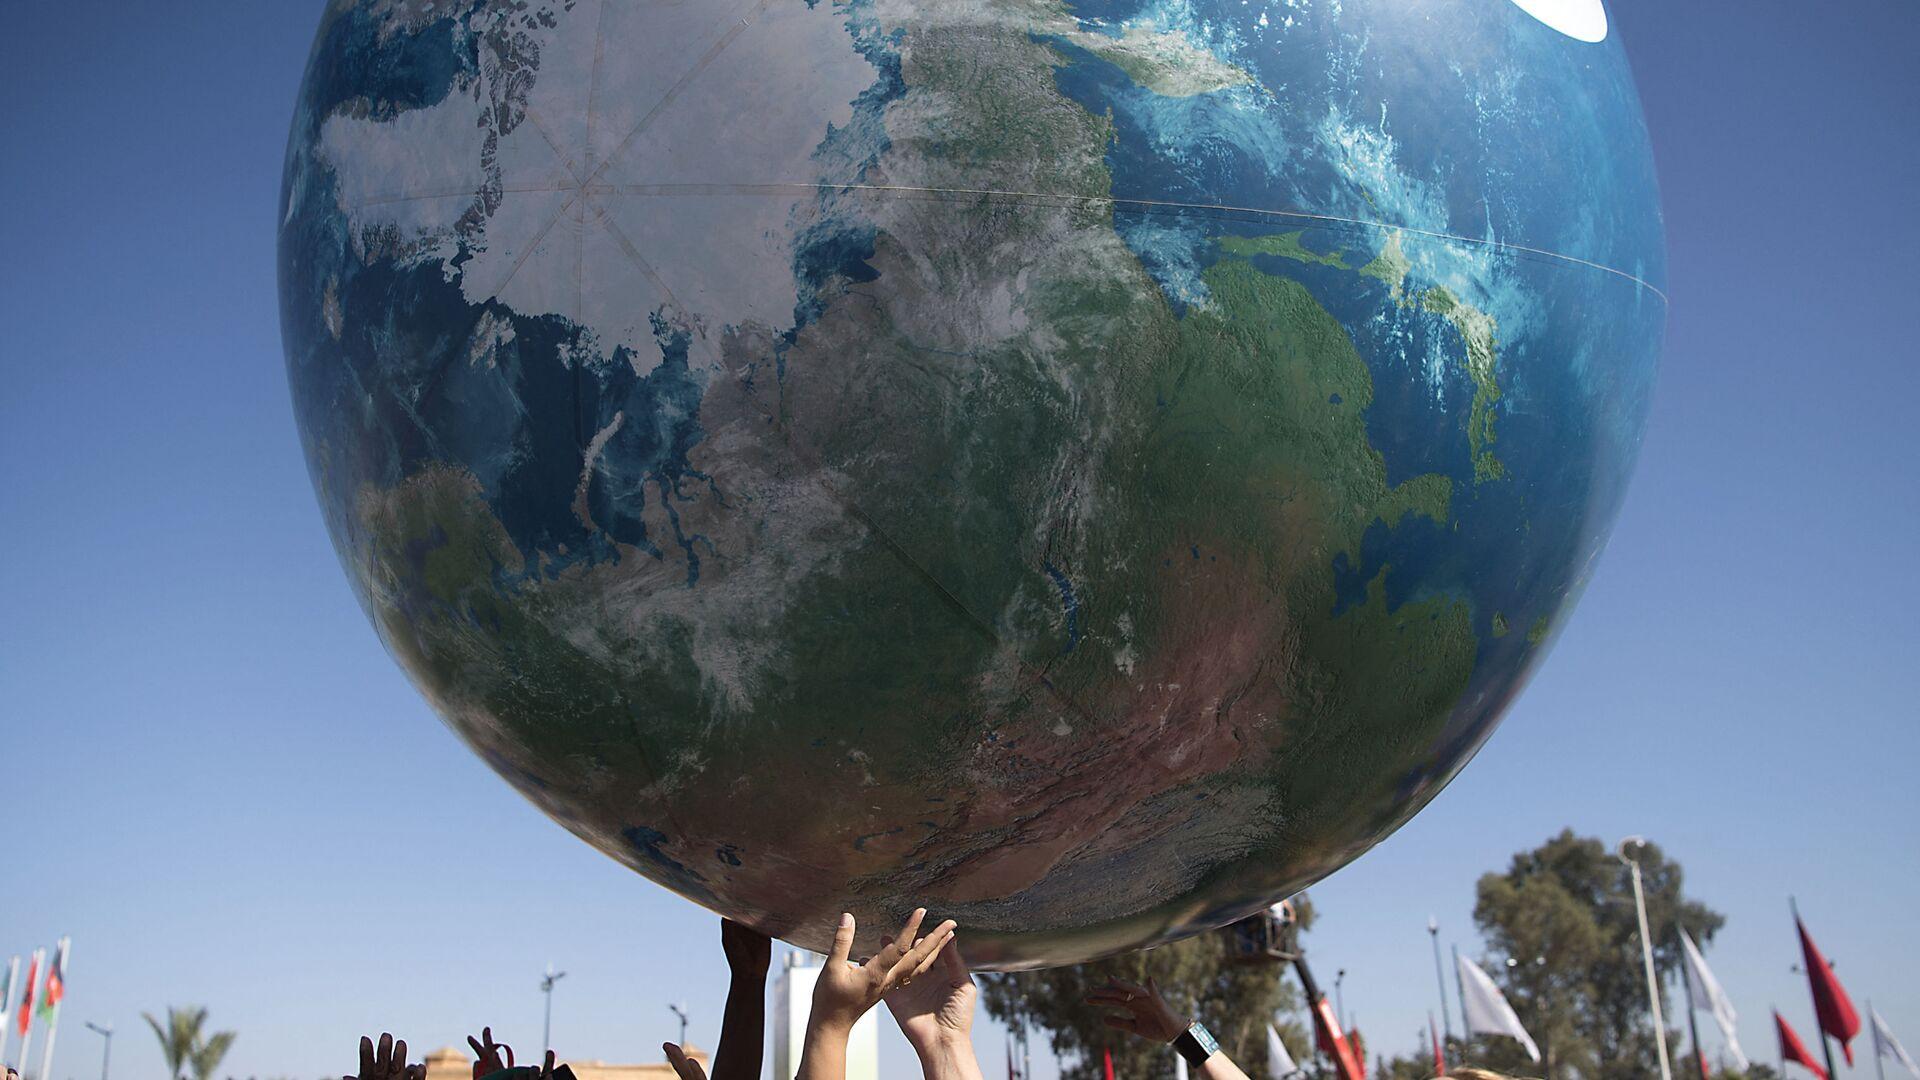 Члены всемирной конференции ООН по вопросам изменения климата с макетом Земли - Sputnik Армения, 1920, 13.10.2021